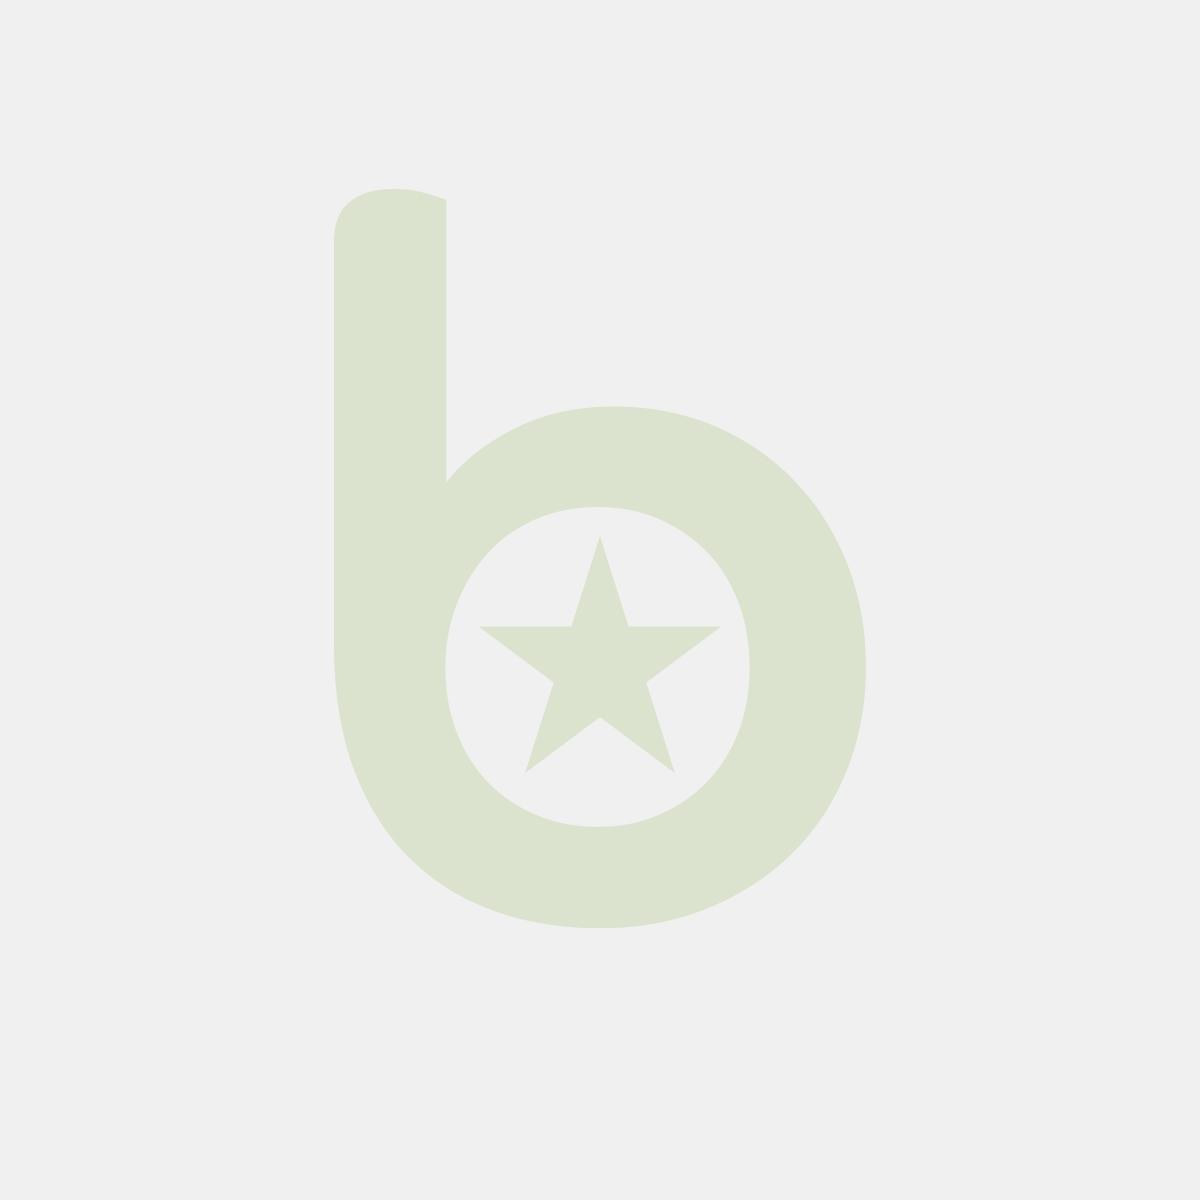 Reklamówki zakupowe LDPE czarne małe 32x33cm BOSS WOMAN, cena za opakowanie 50szt